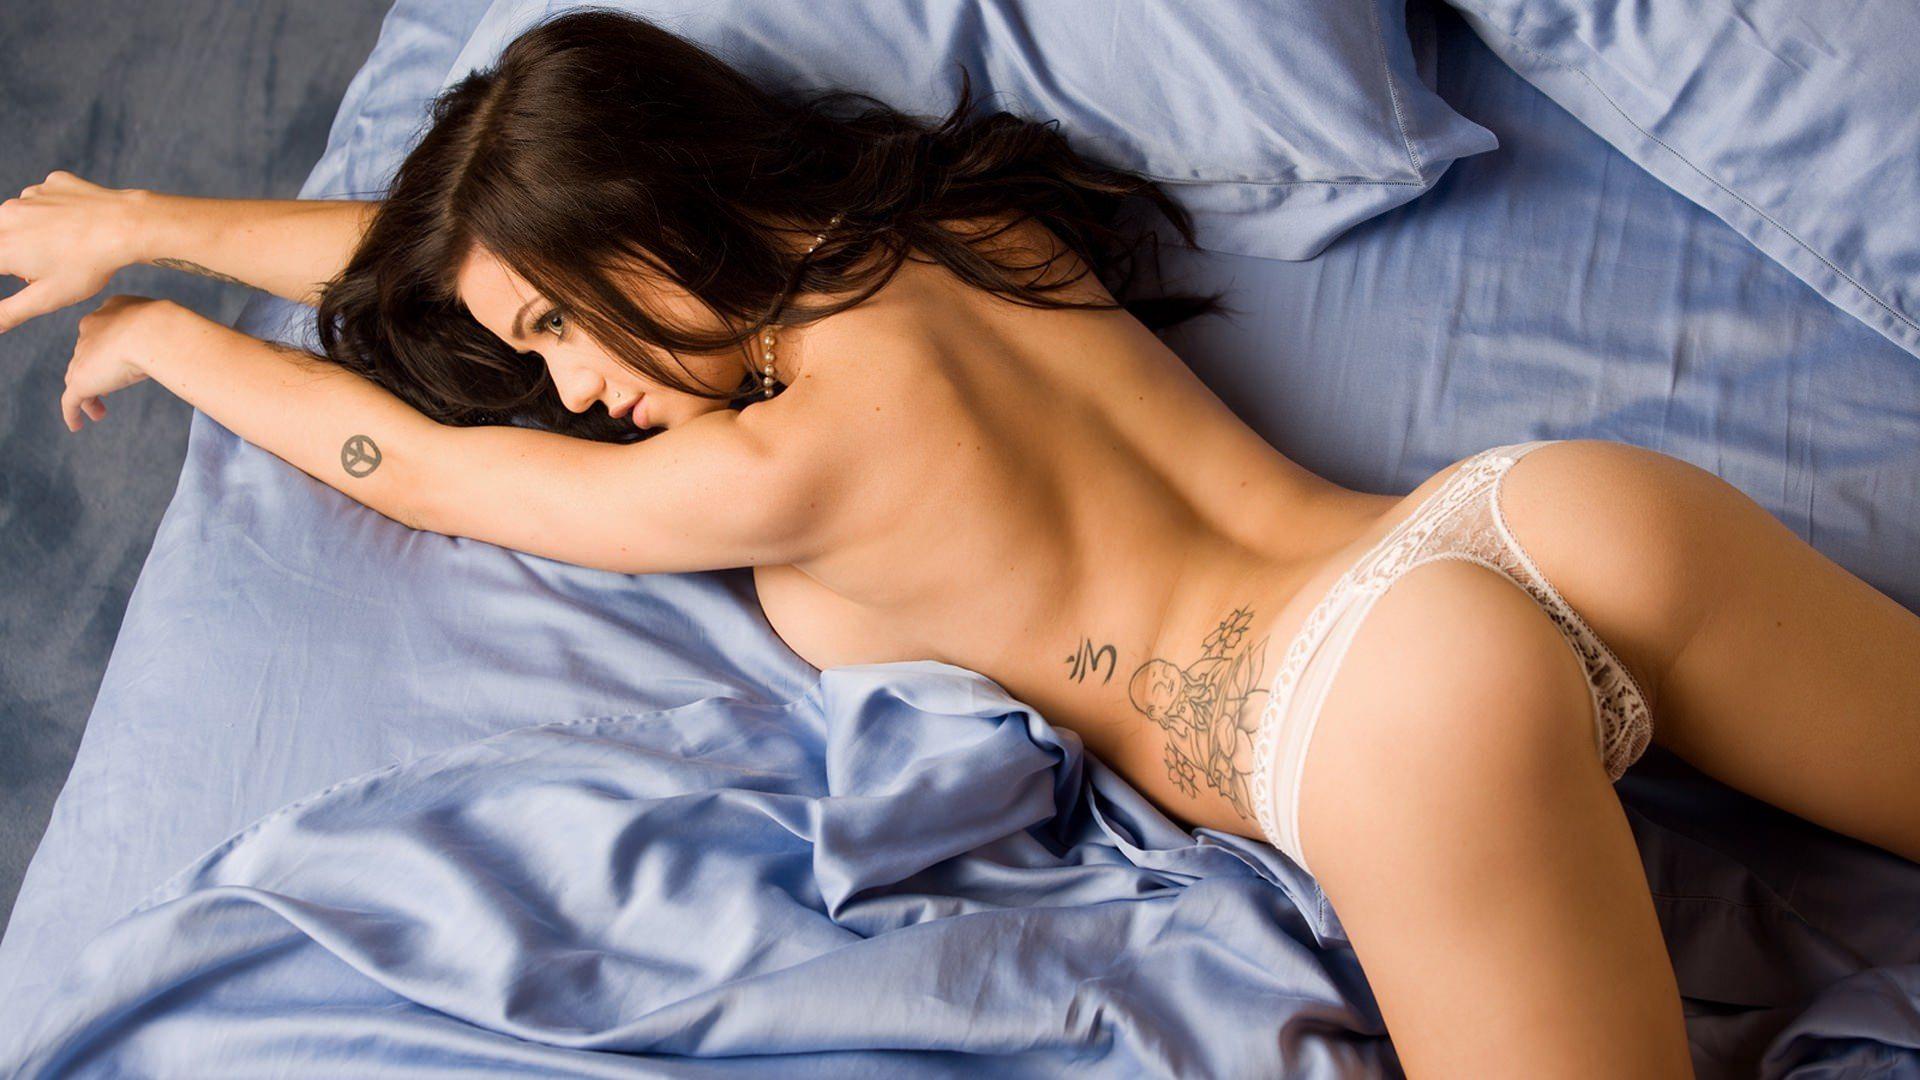 Секс красивой девушкой трусиках 12 фотография